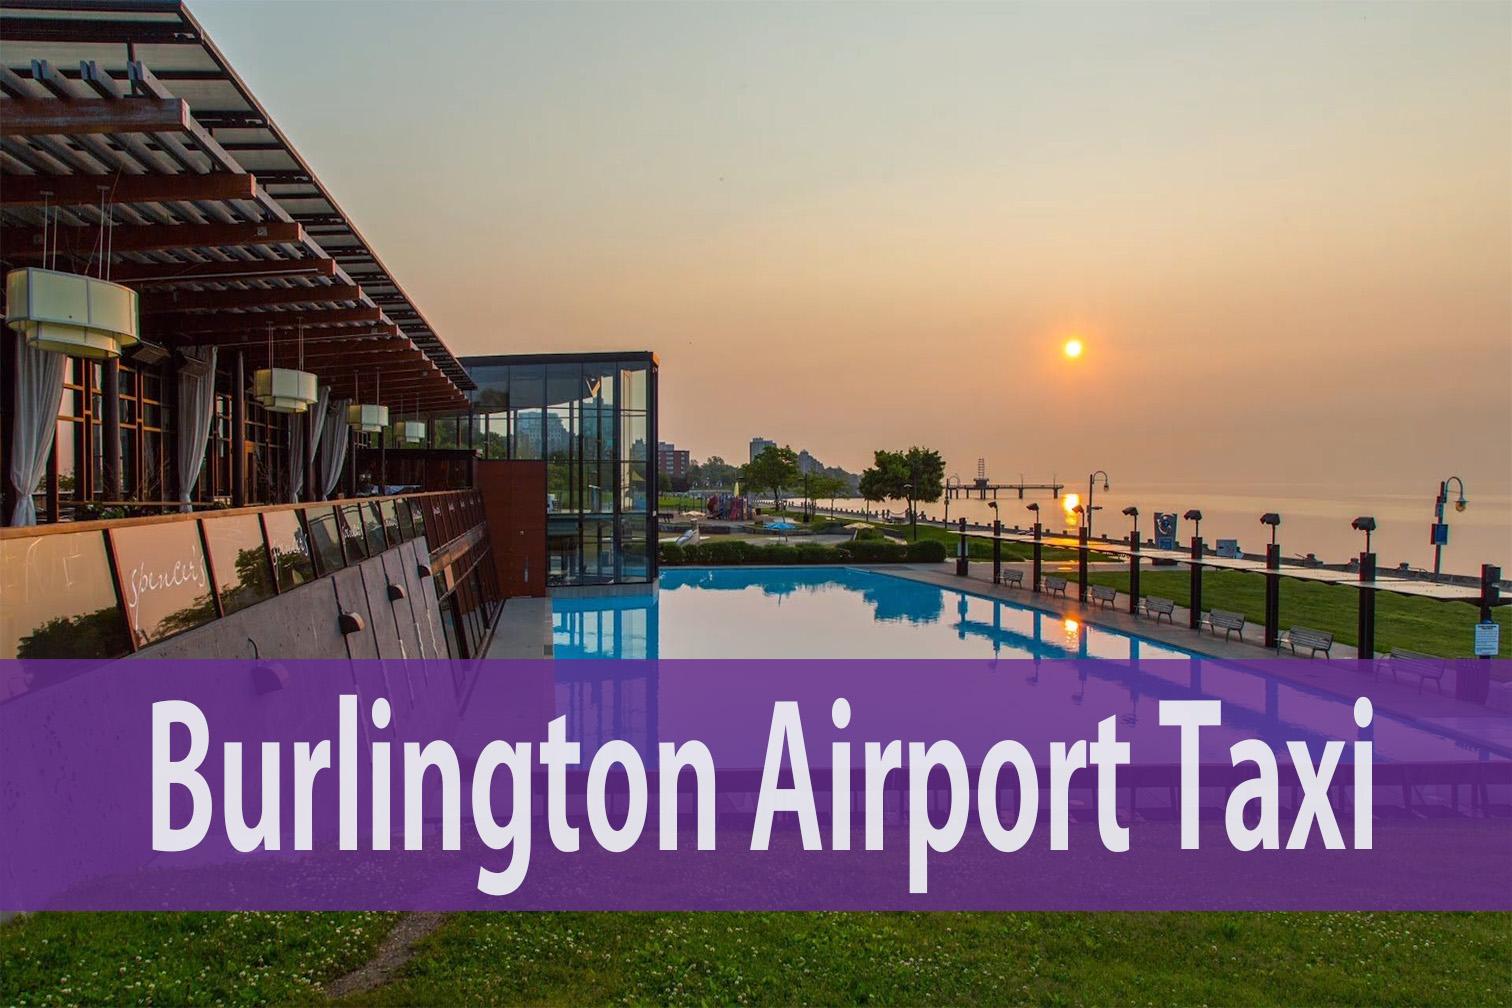 Burlington Airport Taxi